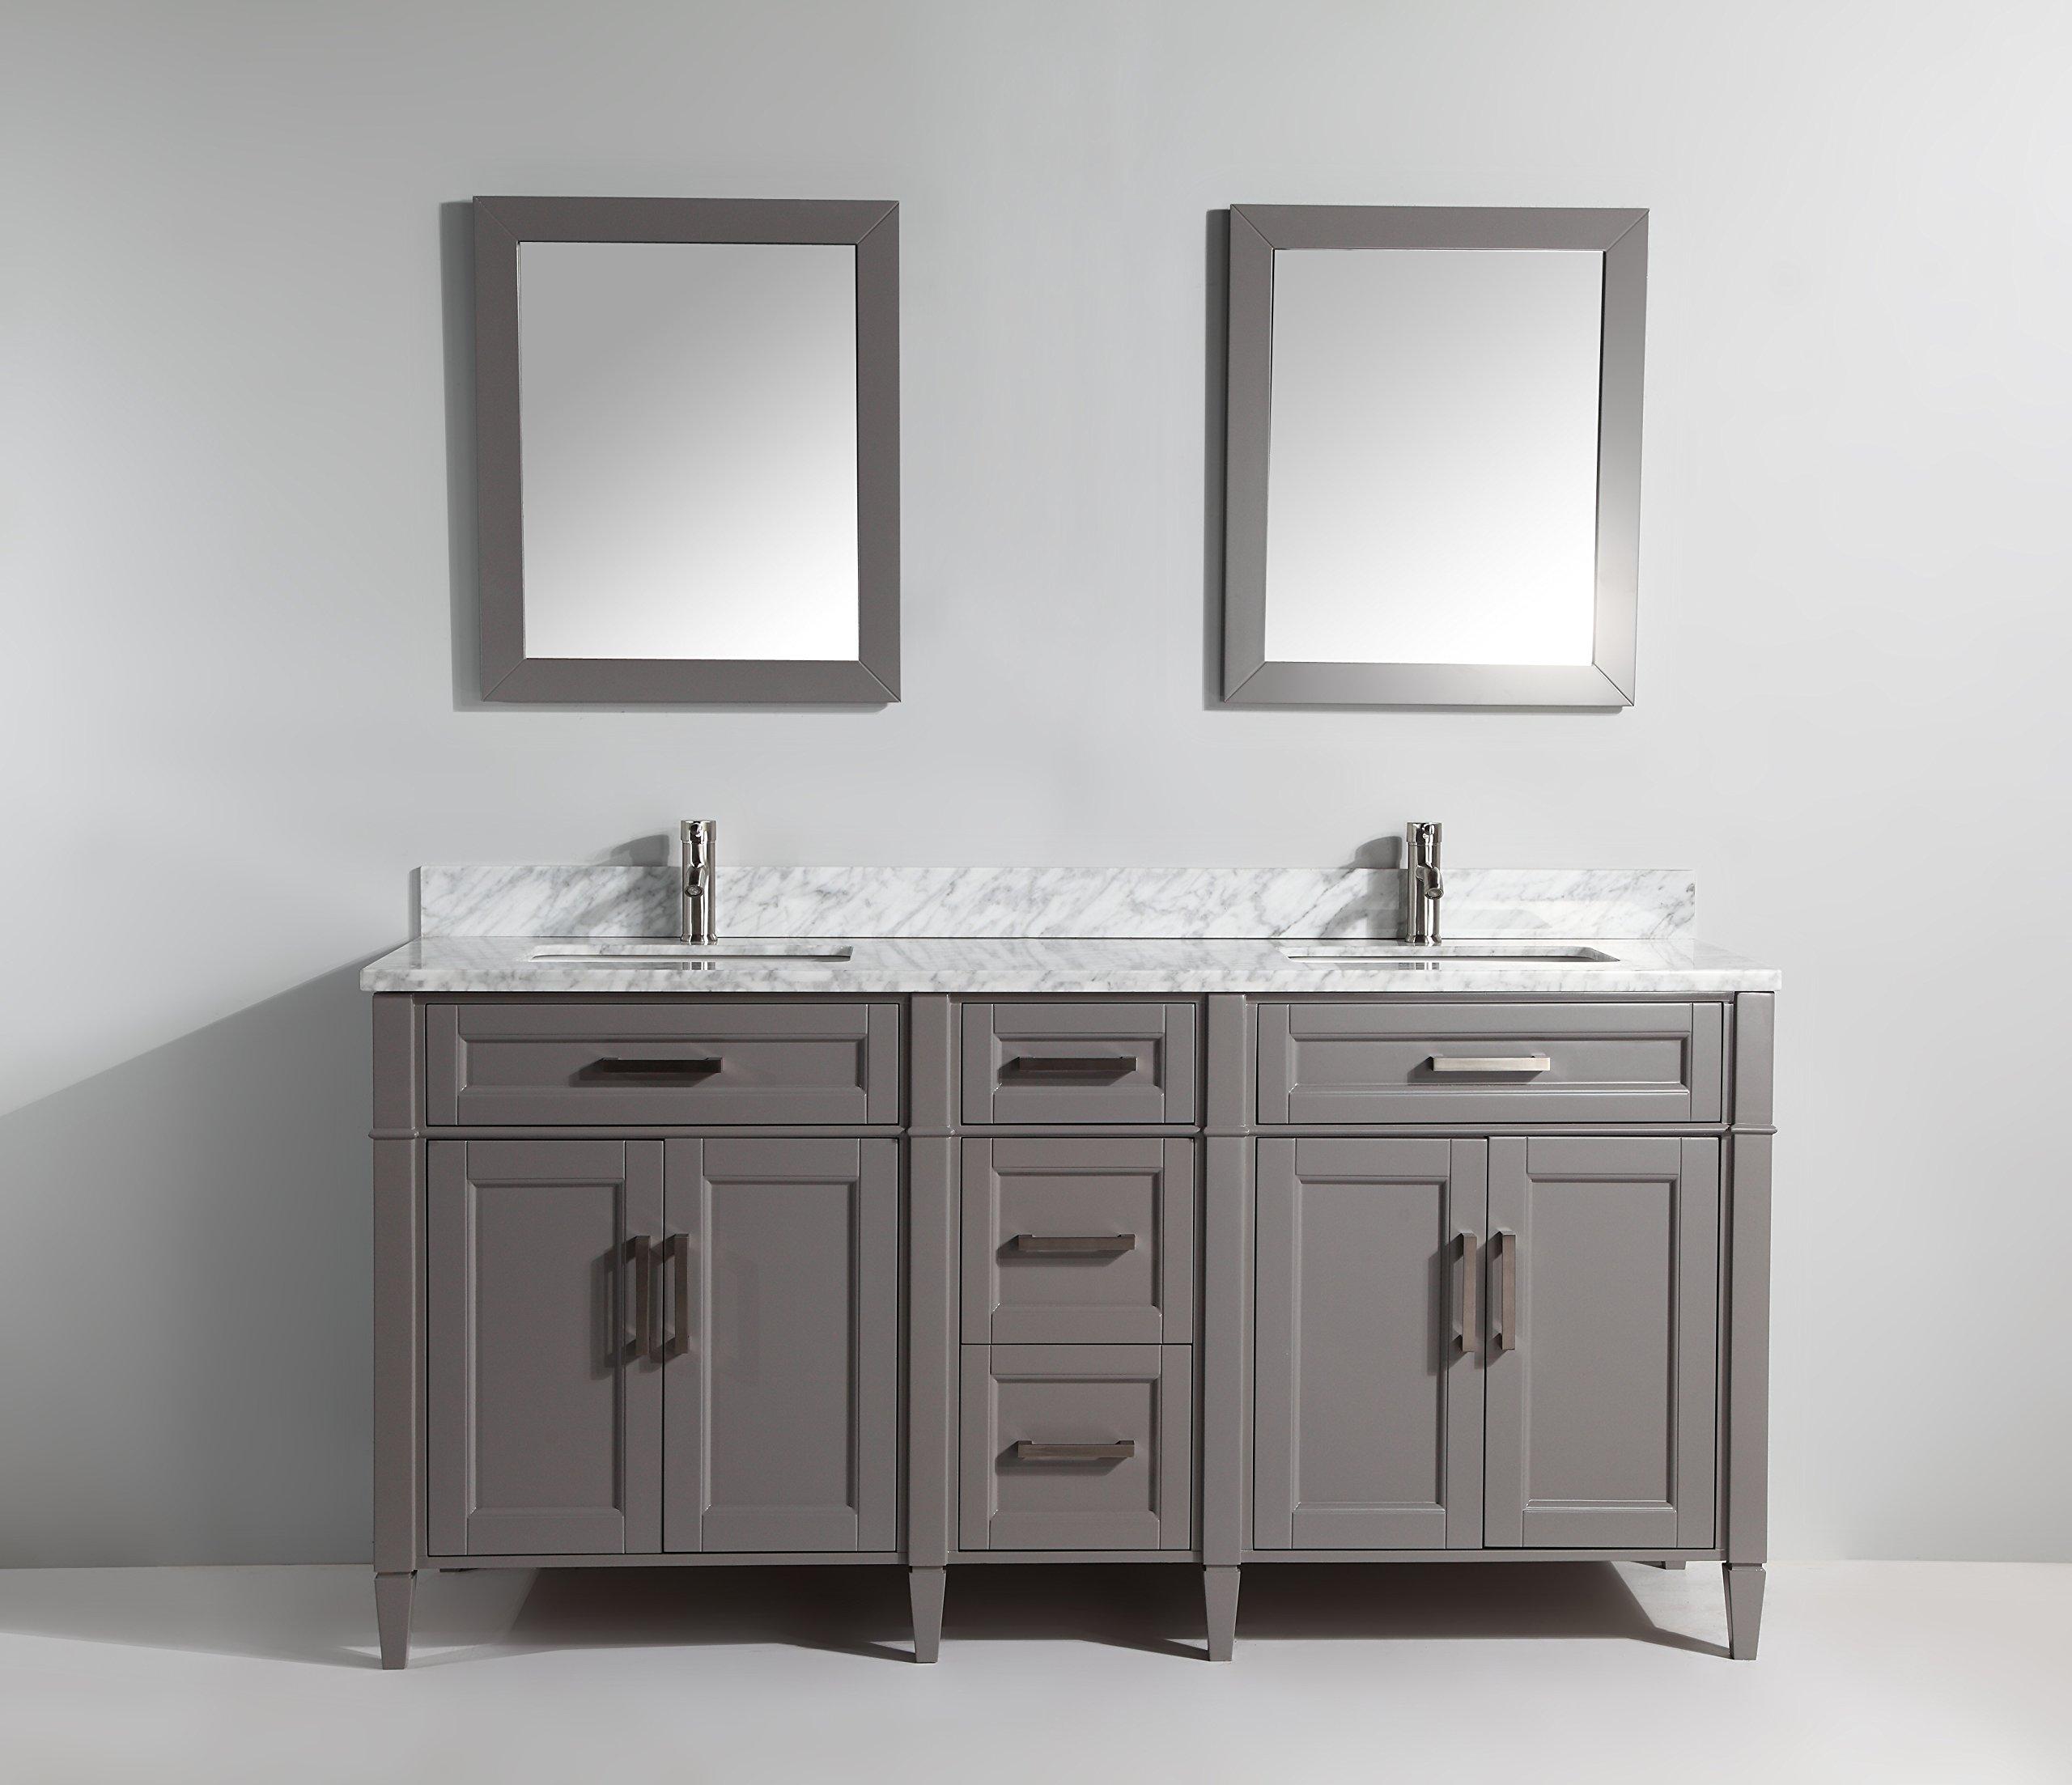 unbelievable eco friendly bathroom vanities. Vanity Art 72 Inch Bathroom Set with Carrara Marble Stone Free  Mirror VA2072 Best Rated in Vanities Helpful Customer Reviews